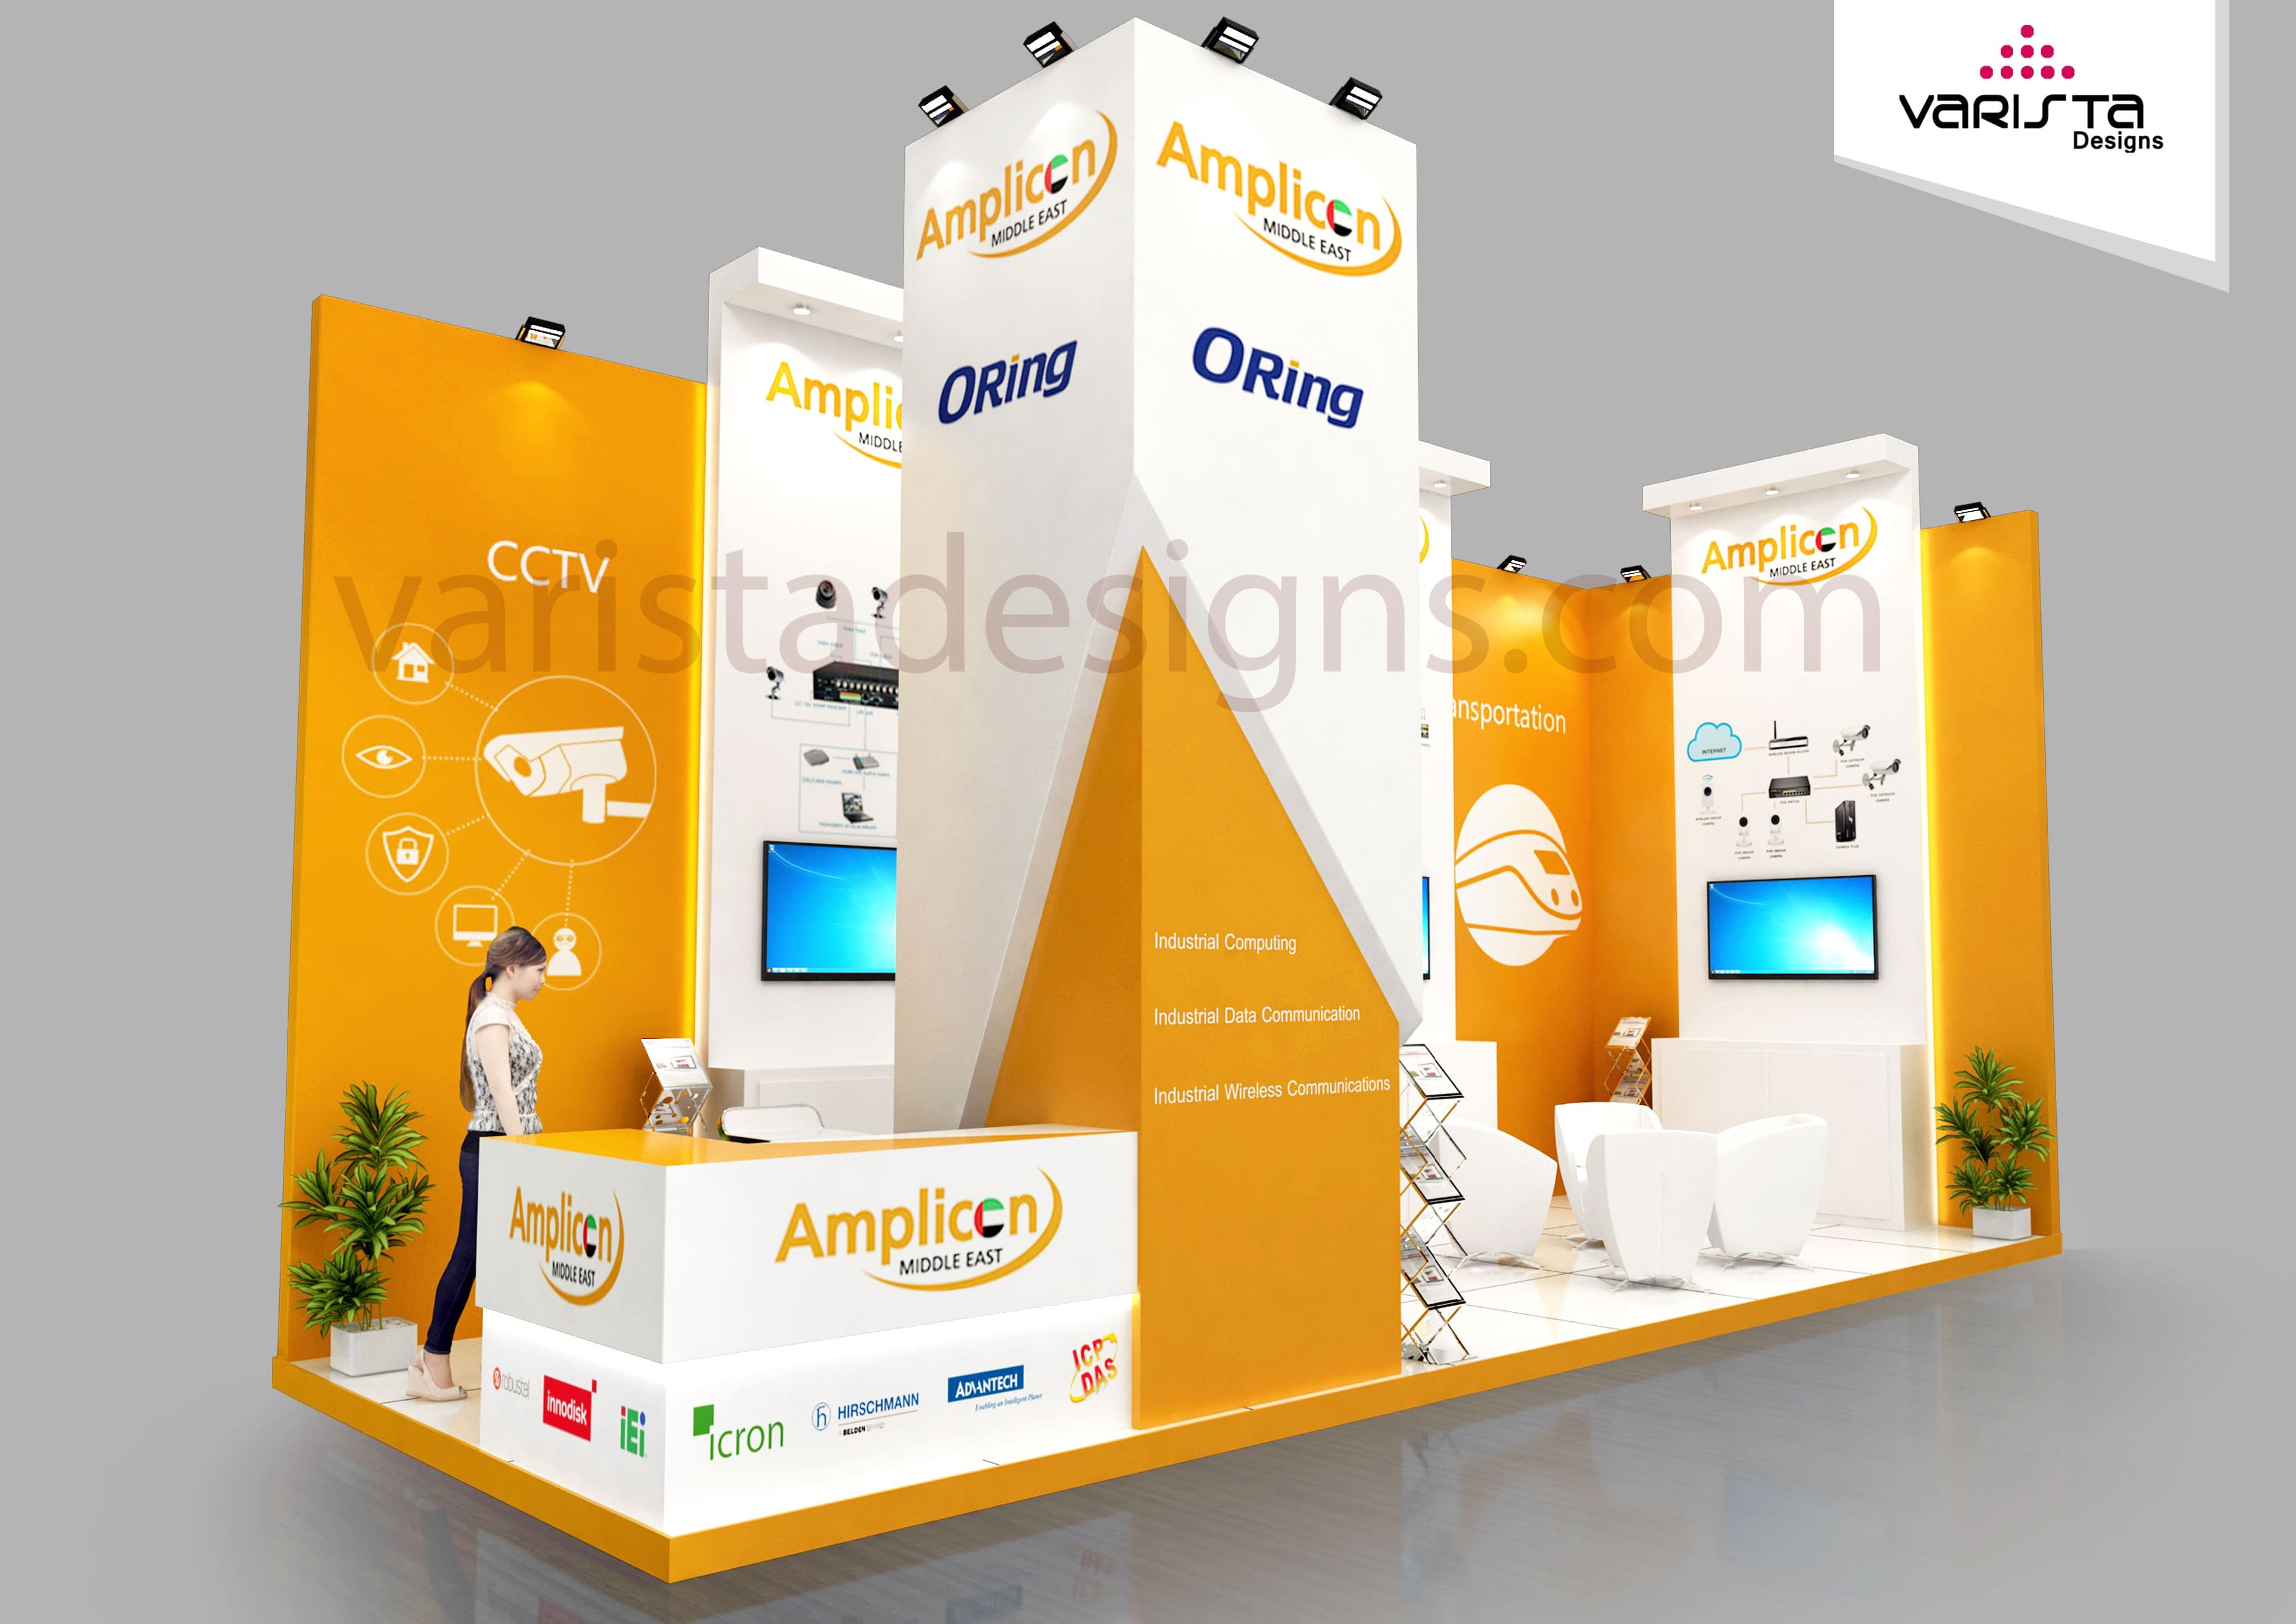 Amplicon exhibition stand gitex Dubai